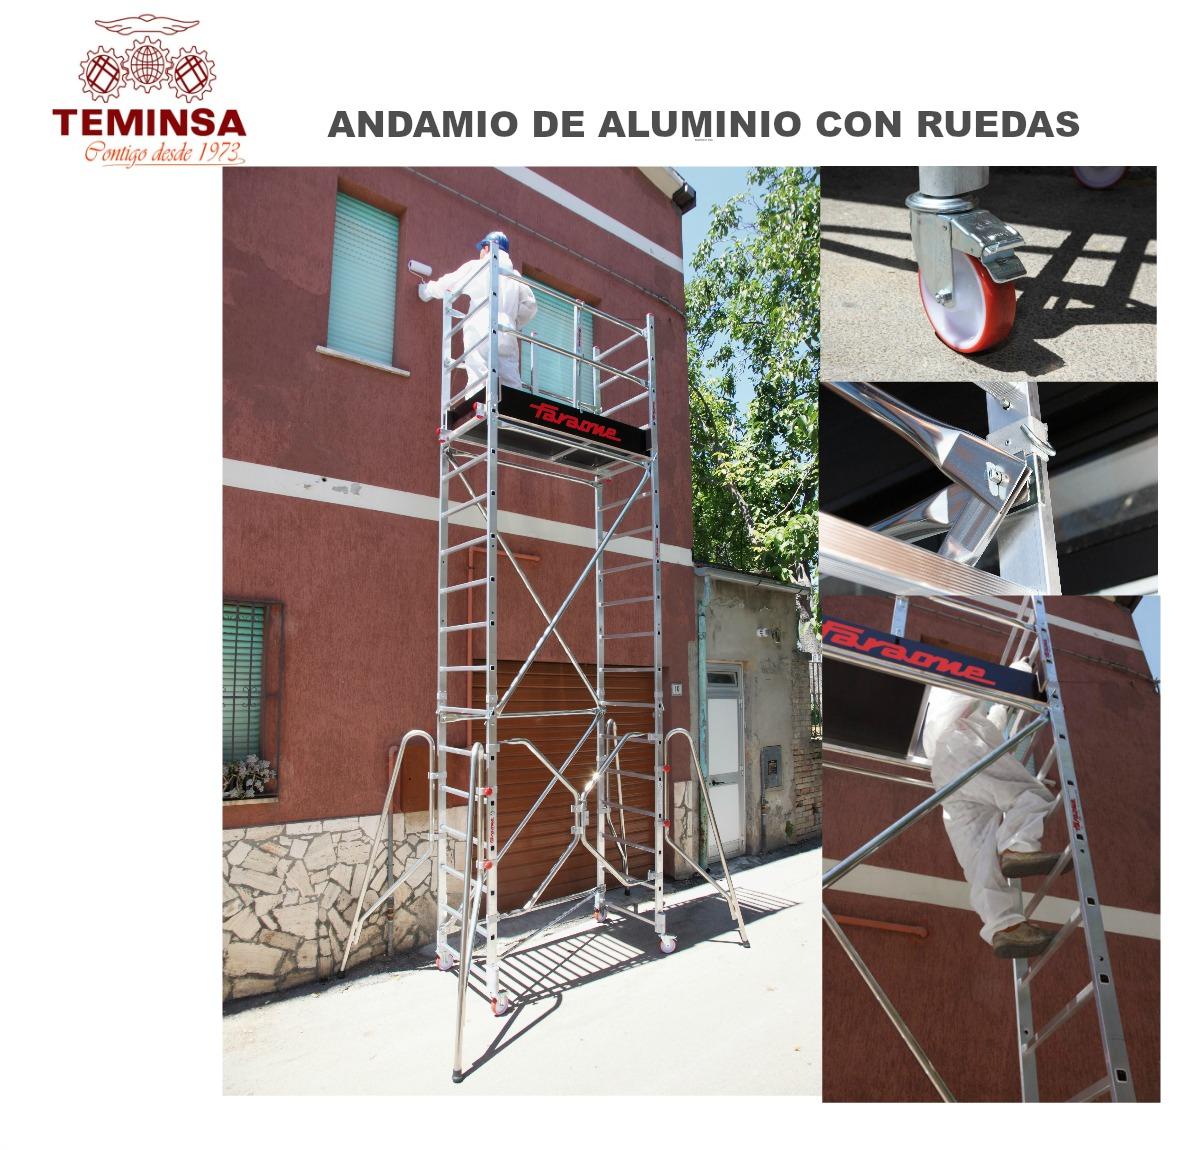 Andamio de Aluminio con Ruedas y Sistema Ric Teminsa